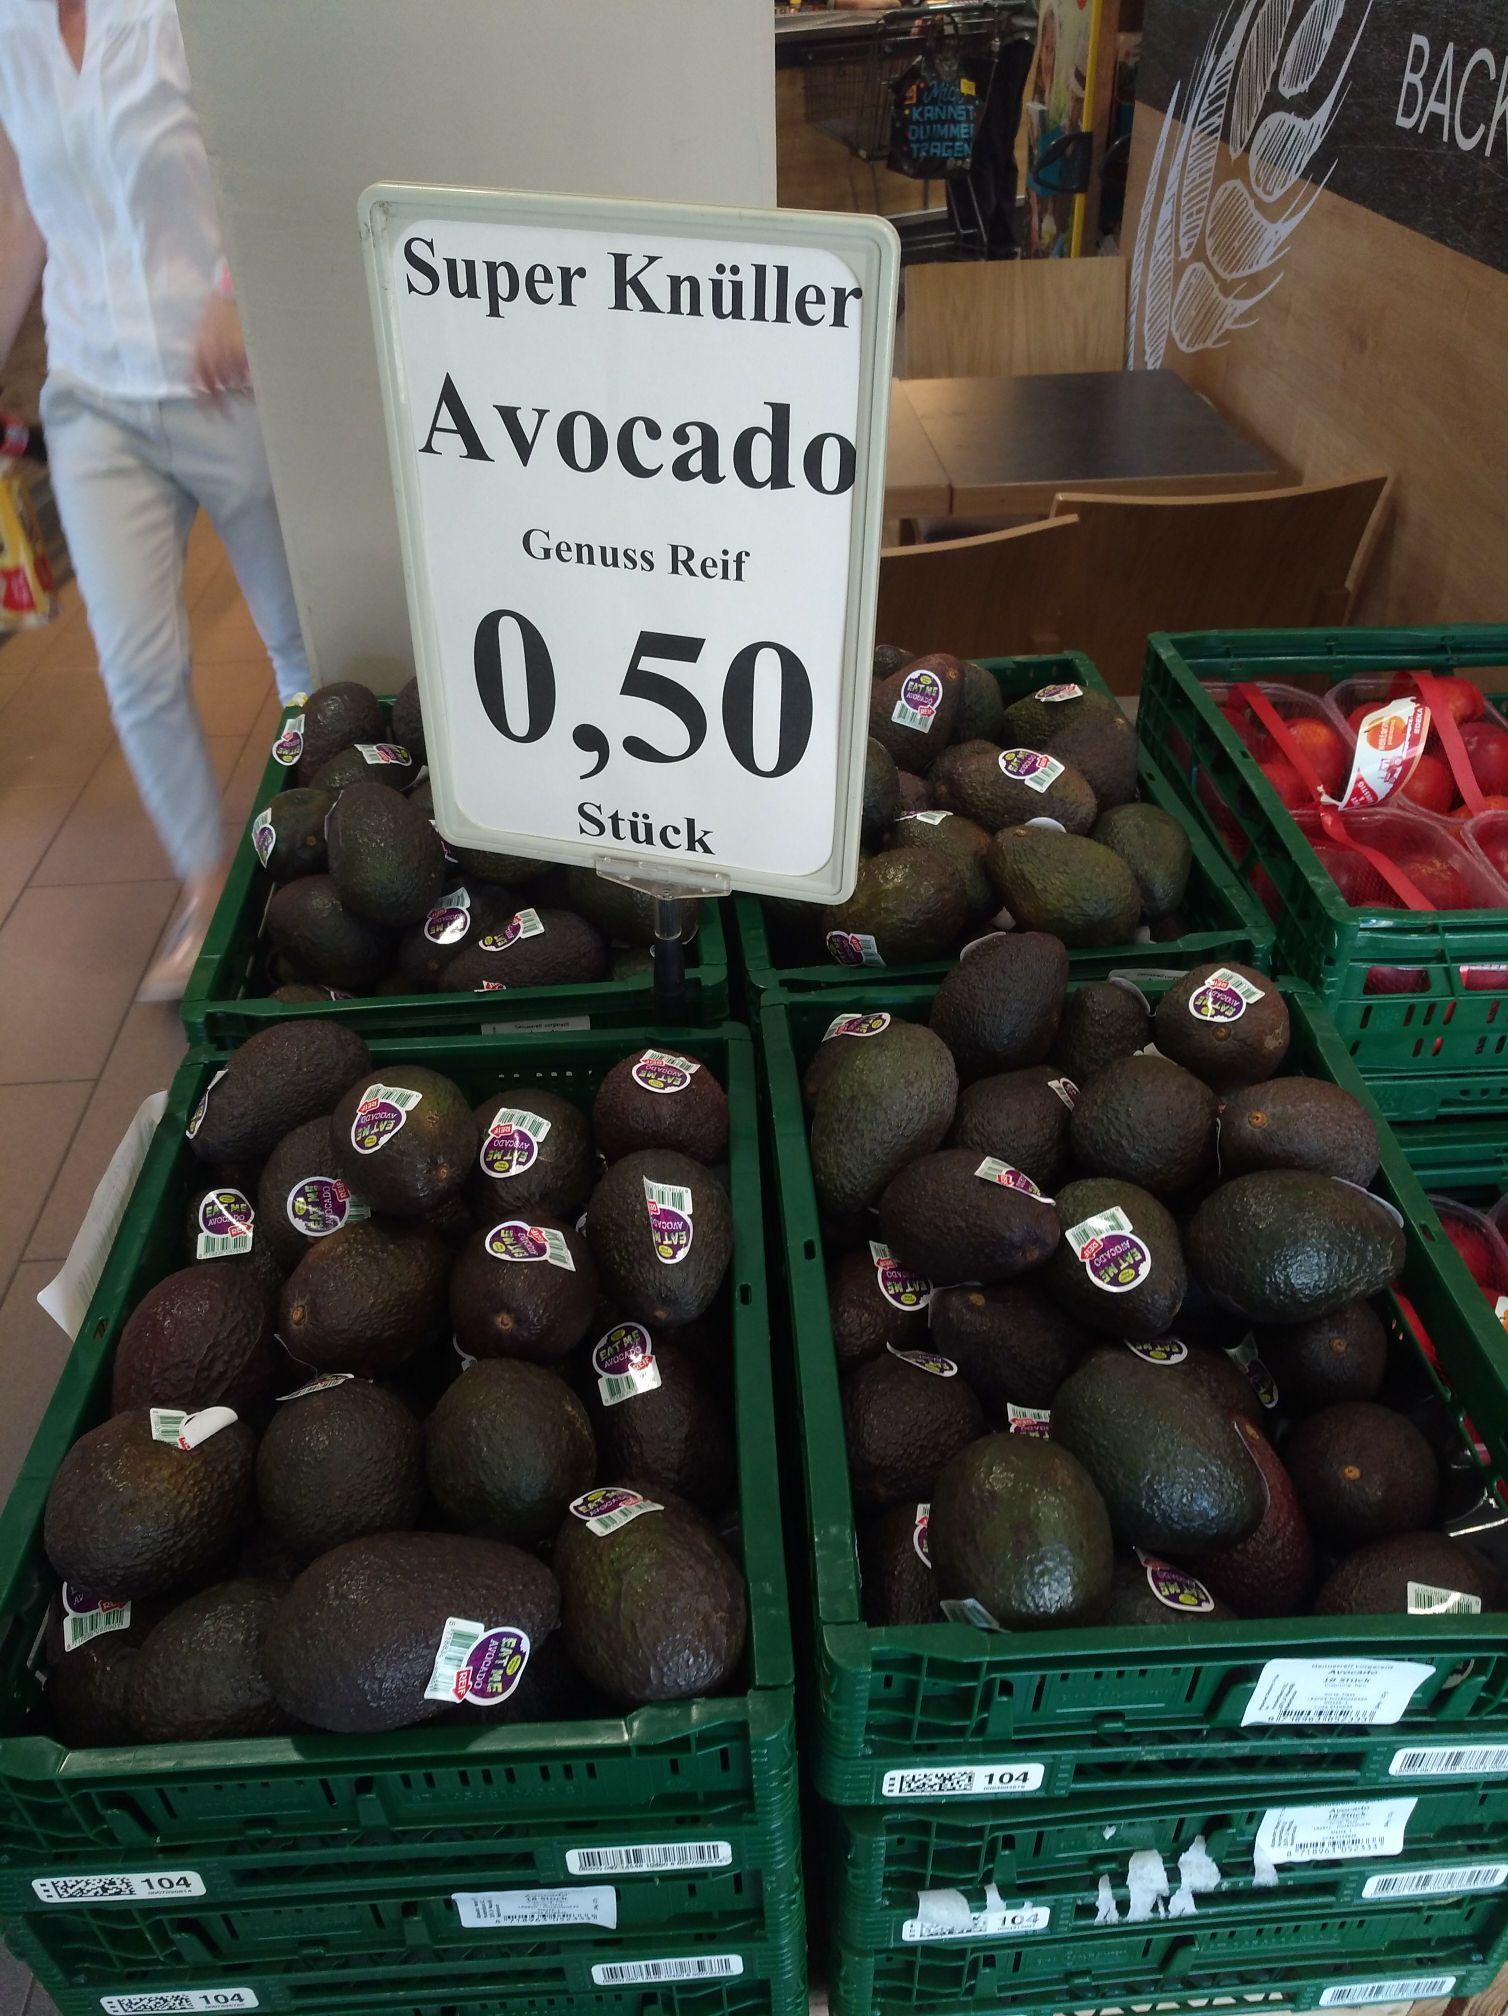 [Freiburg Edeka] Avocado